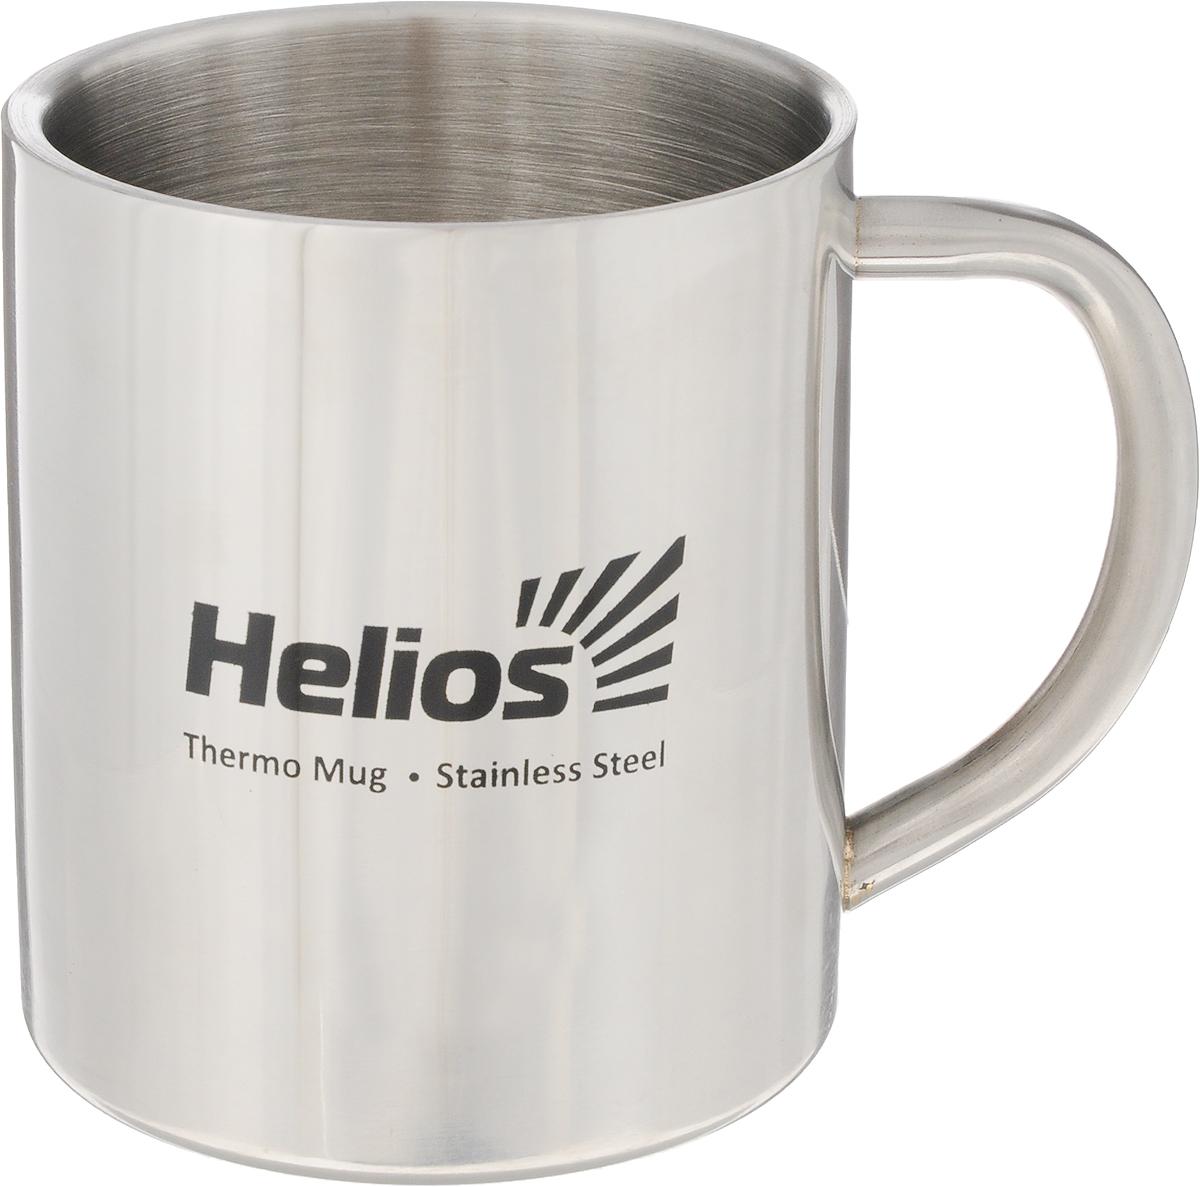 Термокружка HeliosHS TK-009,300 мл128986Термокружка HeliosHS TK-009 предназначена специально для горячих и холодных напитков. Она изготовлена из высококачественной нержавеющей стали. Двойная стенка гарантирует долгое сохранение температуры и убережет от ожогов при заваривании чая или кофе. Такая кружка прекрасно сохраняет свою целостность и первозданный вид даже при многократном использовании.Диаметр кружки (по верхнему краю): 7,5 см. Высота кружки: 9 см.